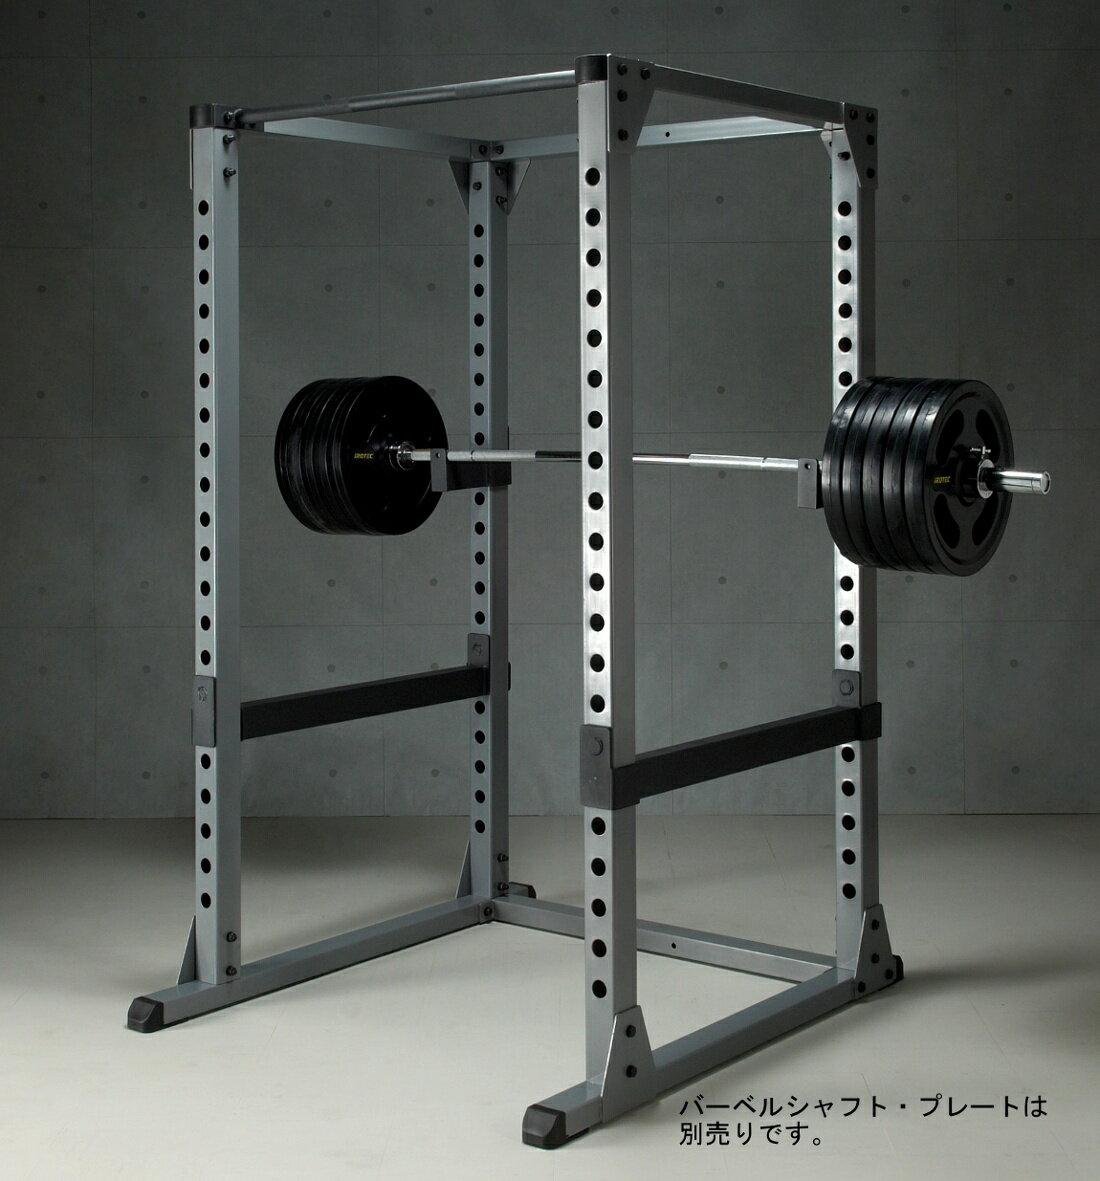 【25日はポイントアップDAY!】IROTEC(アイロテック)パワーラックHPM/ダンベル・バーベル・ベンチプレス・懸垂器具・筋トレ・トレーニング器具・トレーニングマシン・フィットネス器具